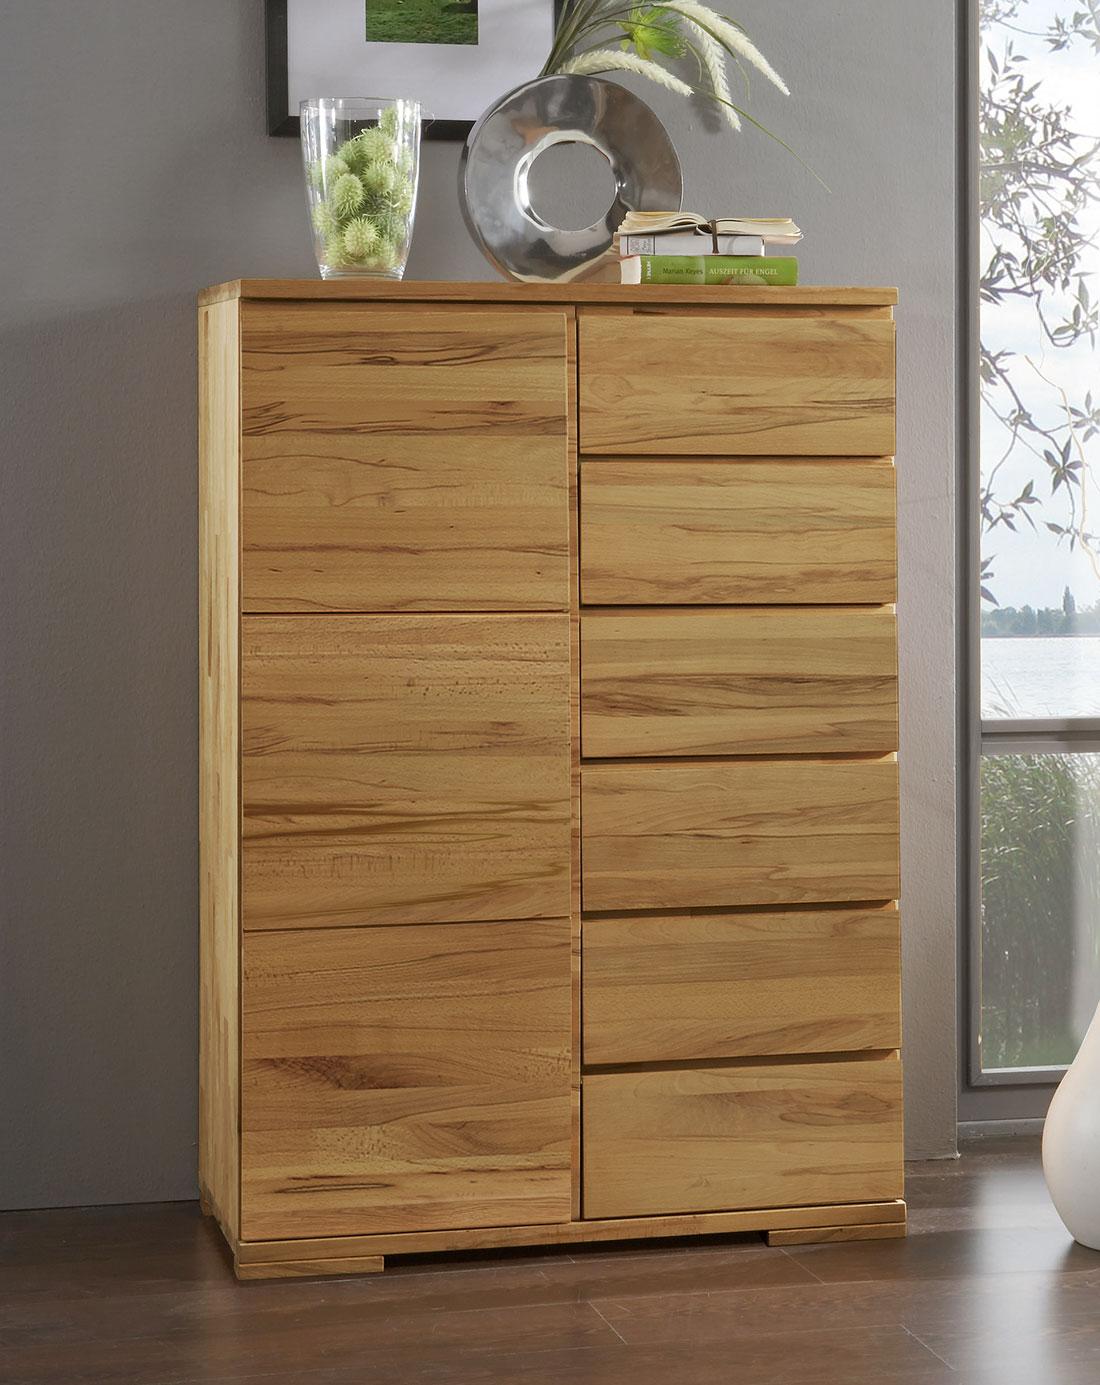 Holzarten bei möbeln   was bedeutet massiv, teilmassiv, mdf usw.